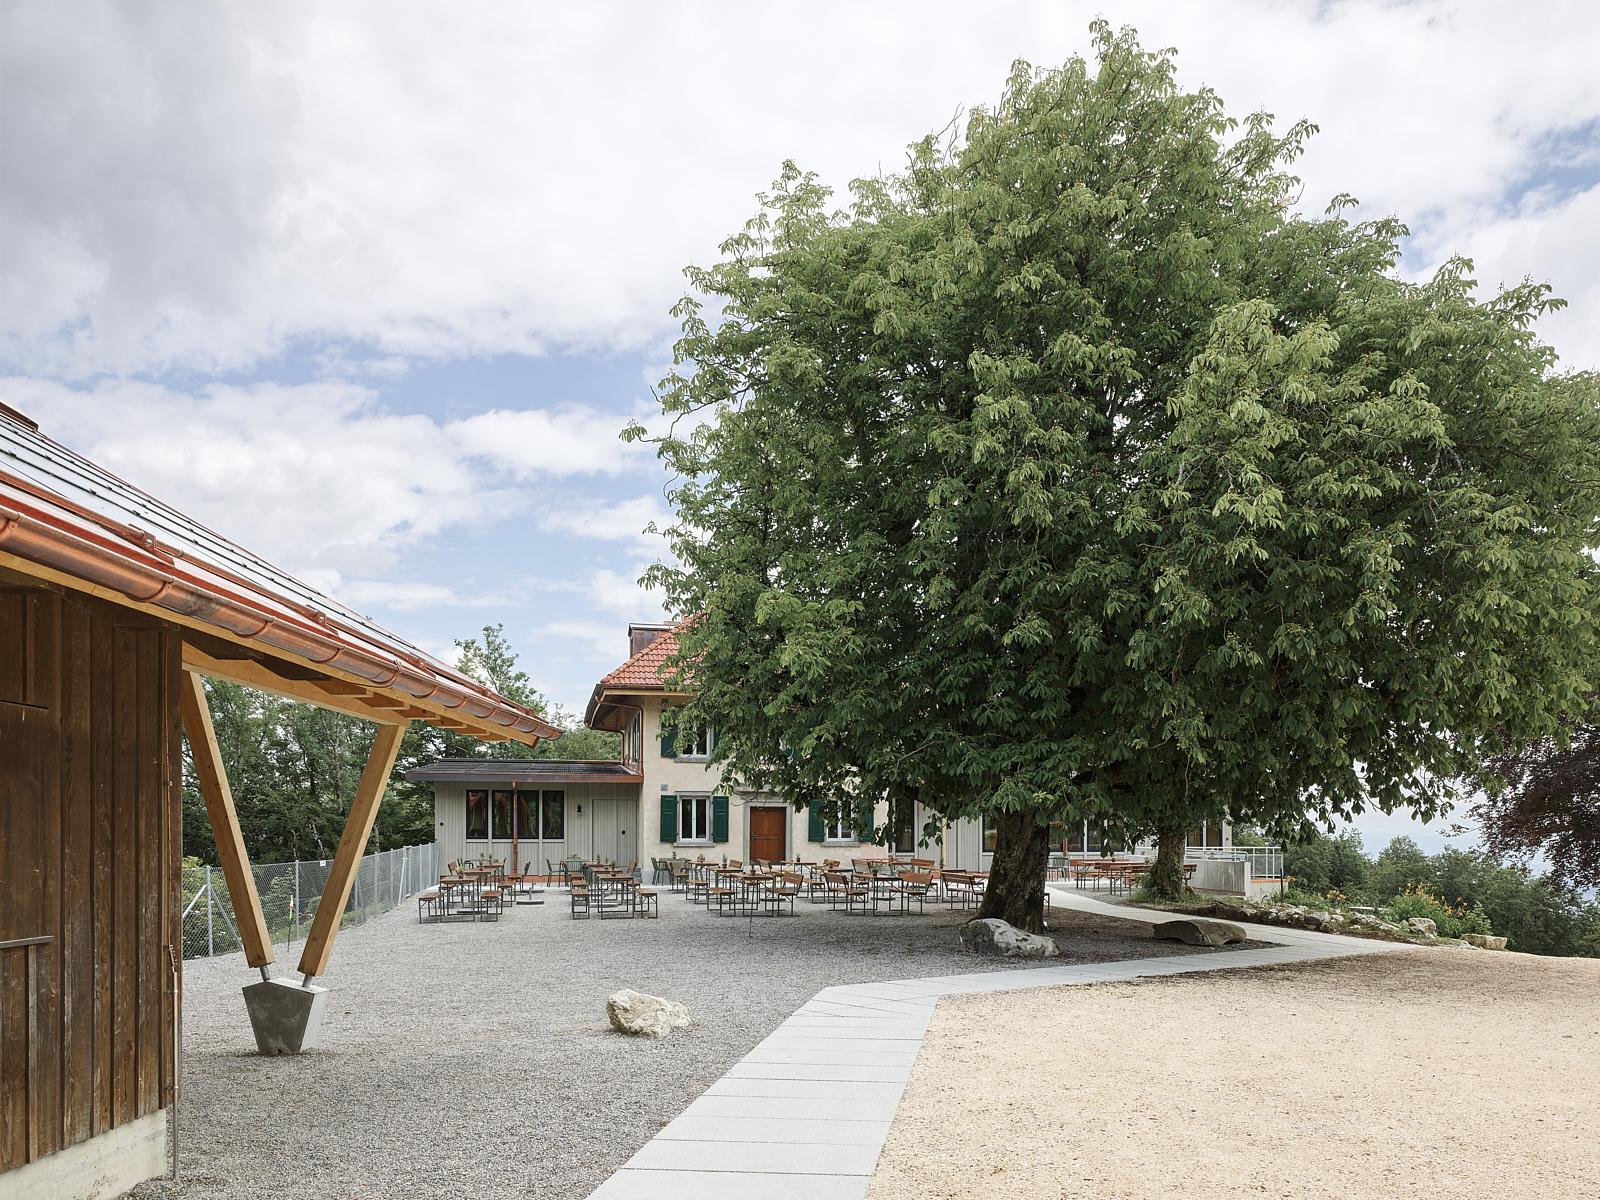 Sanierung Bergrestaurant Lägern Hochwacht: Blick von der Waldschenke (Bild Georg Aerni)